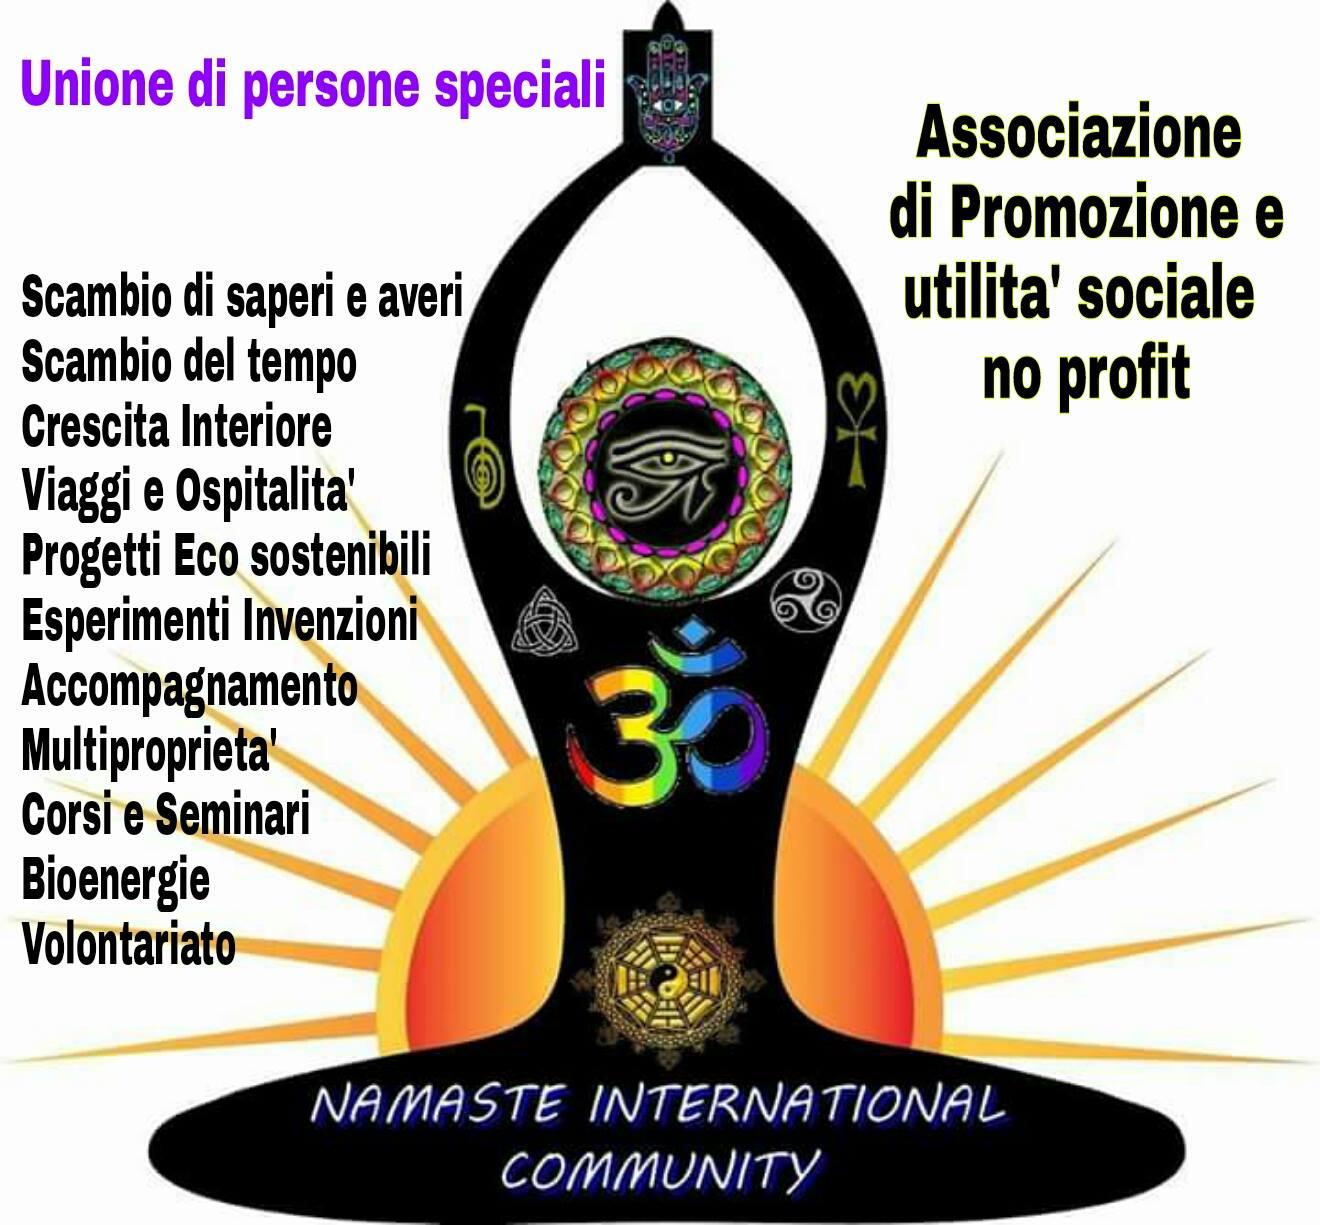 ADESSO SIAMO UN'ASSOCIAZIONE NO PROFIT